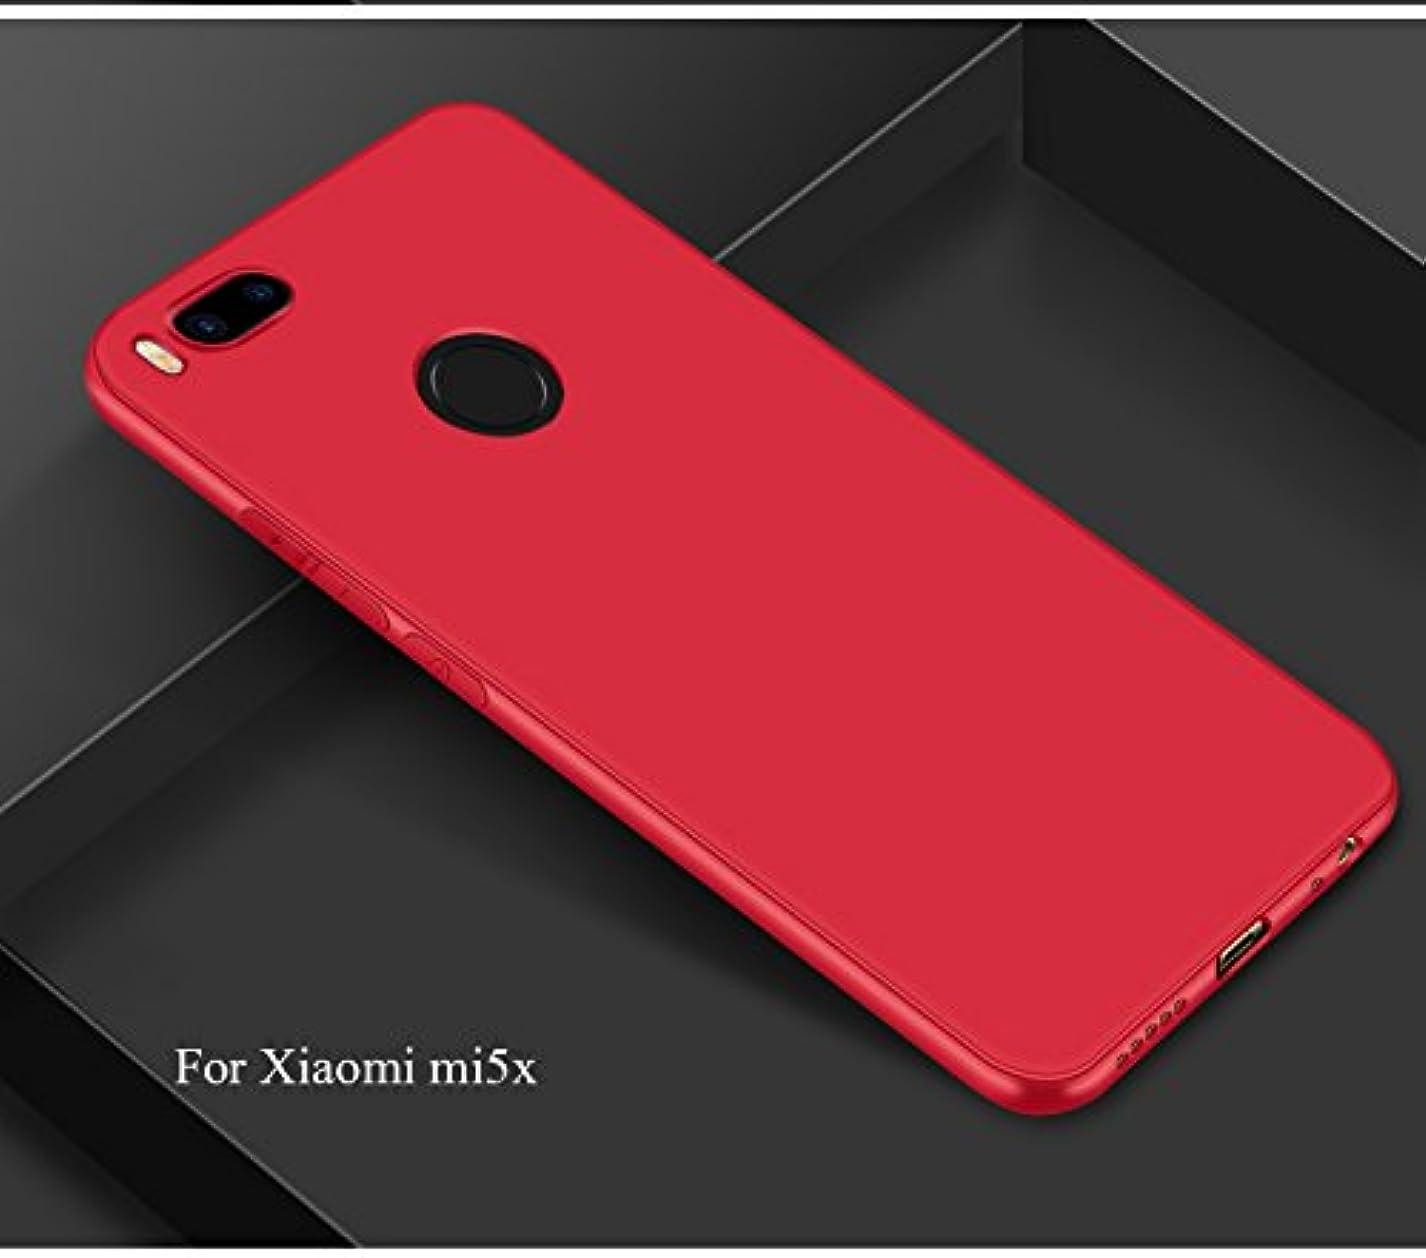 治す鎖組み合わせるJicorzo - 小米科技MI6 MI 6 M6用小米科技マイル5倍Mi5x電話カバー用1ケース超薄型フロストソフトシリコンTPUケースA1小米科技マイル